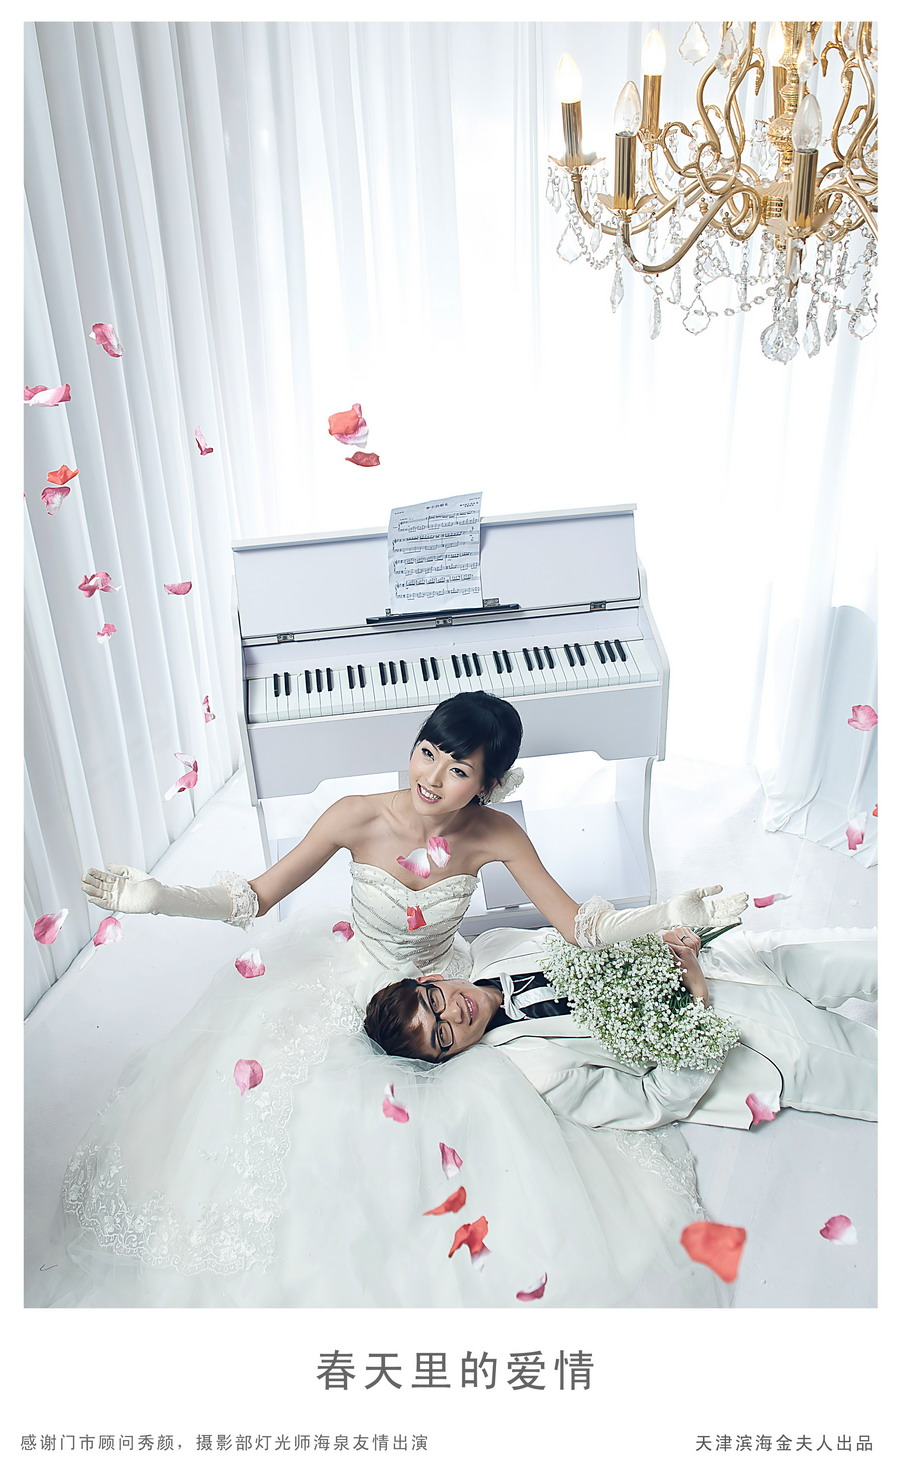 11月 海南三亚外景3999元婚纱照套餐限量,抢订啦!